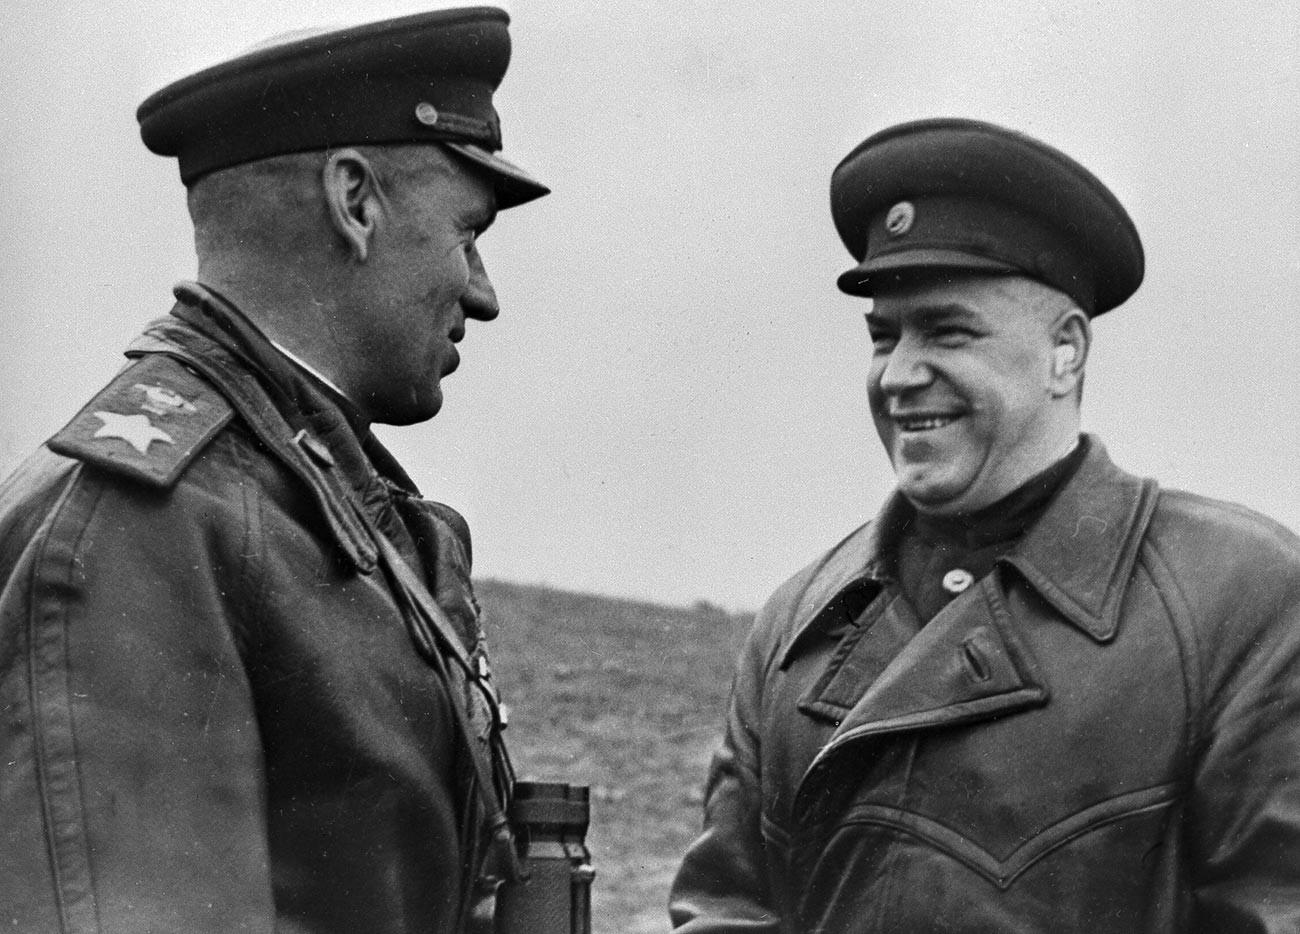 コンスタンチン・ロコソフスキー(左)とゲオルギー・ジューコフ(右)